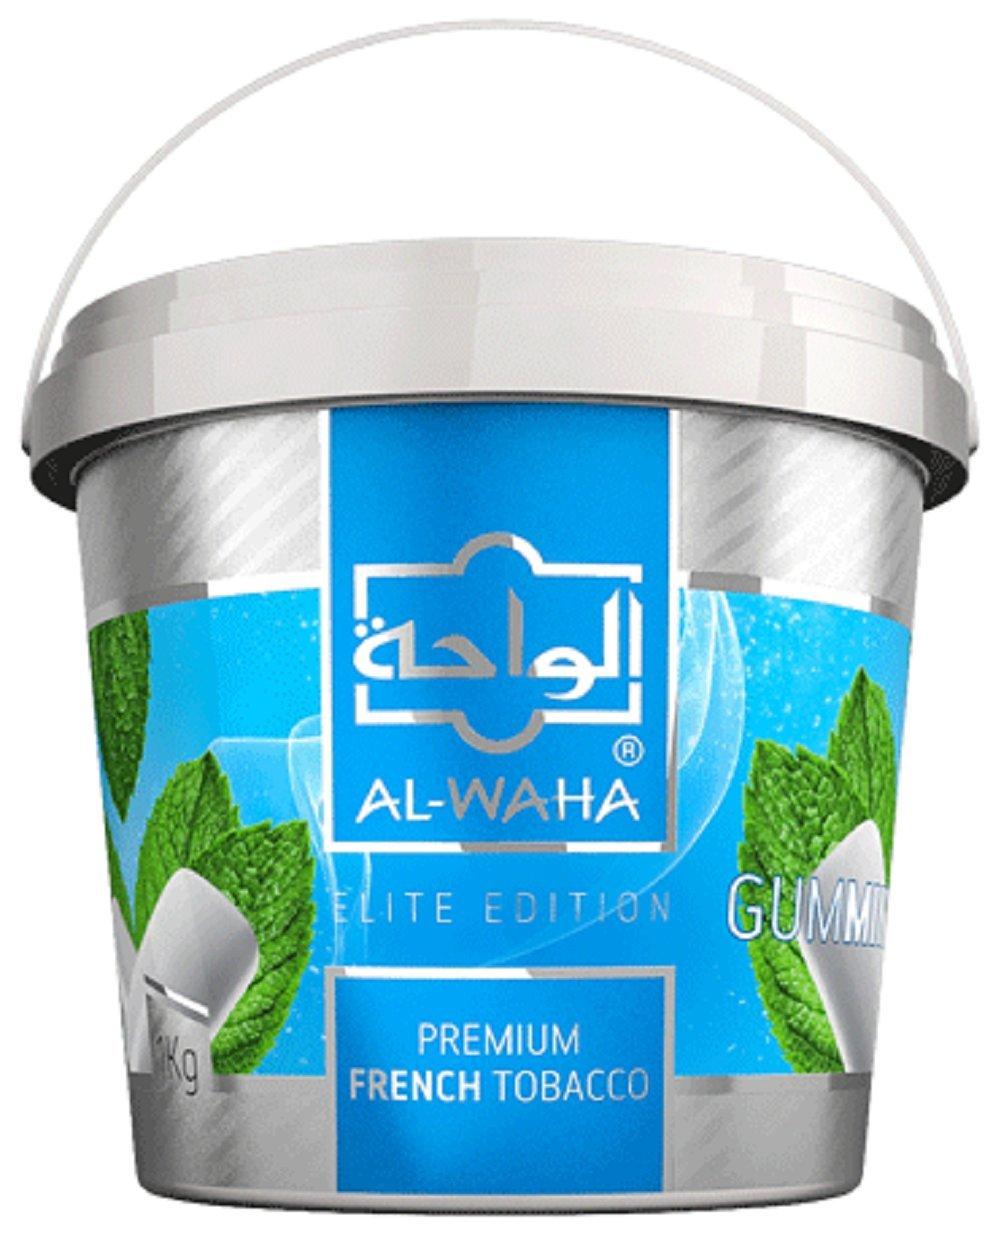 Al Waha Elite Edition Shisha Molasses Premium Flavors 1000g/1kg for Hookah (Gum Mint)